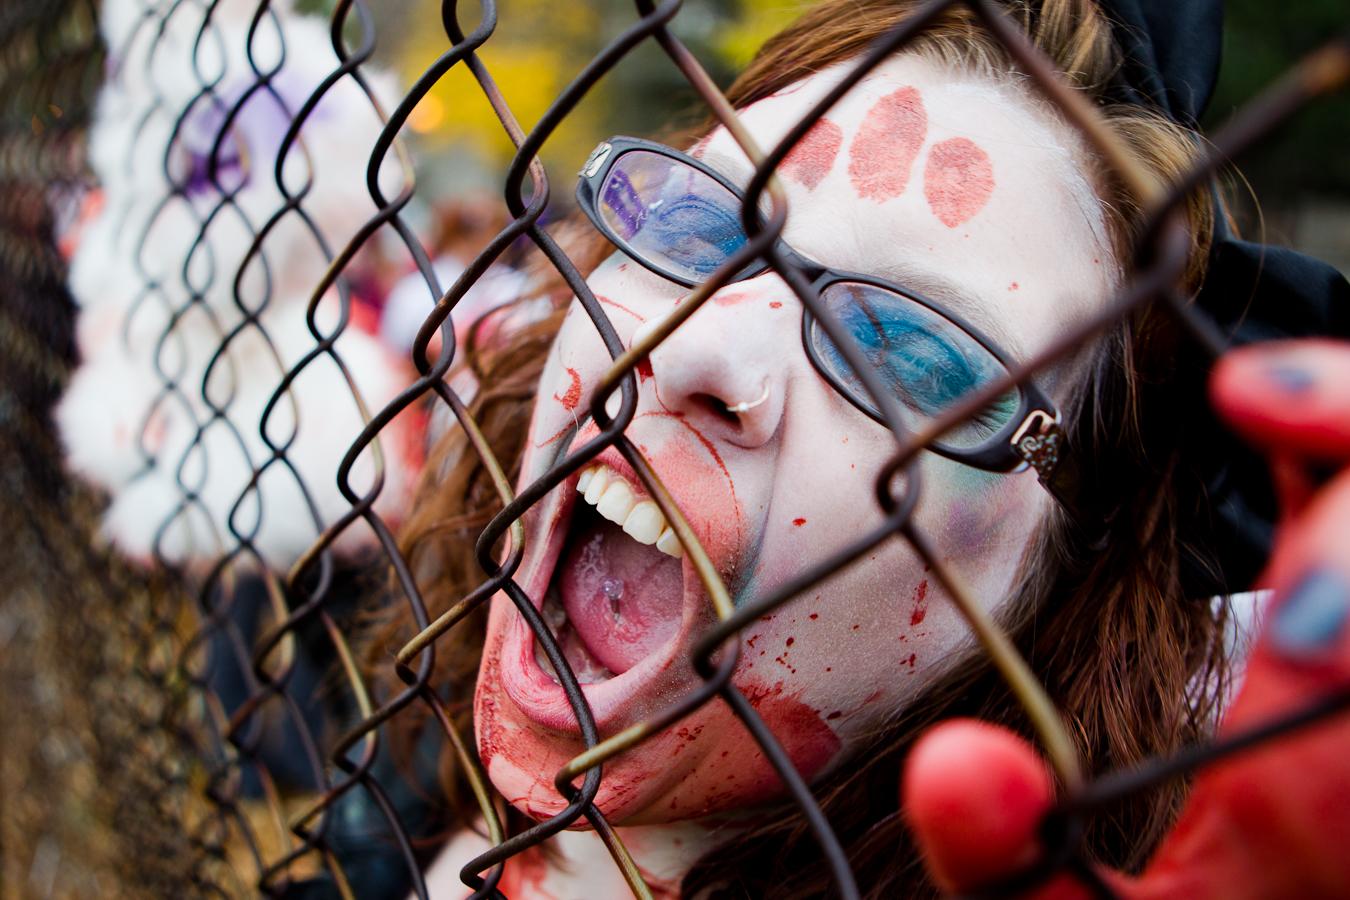 OTTAWA (27 octobre 2012) - L'édition 2012 de la traditionnelle Zombie Walk. Les «morts-vivants» parcourent les rues d'Ottawa jusqu'à la colline parlementaire. (© Sébastien Lavallée)